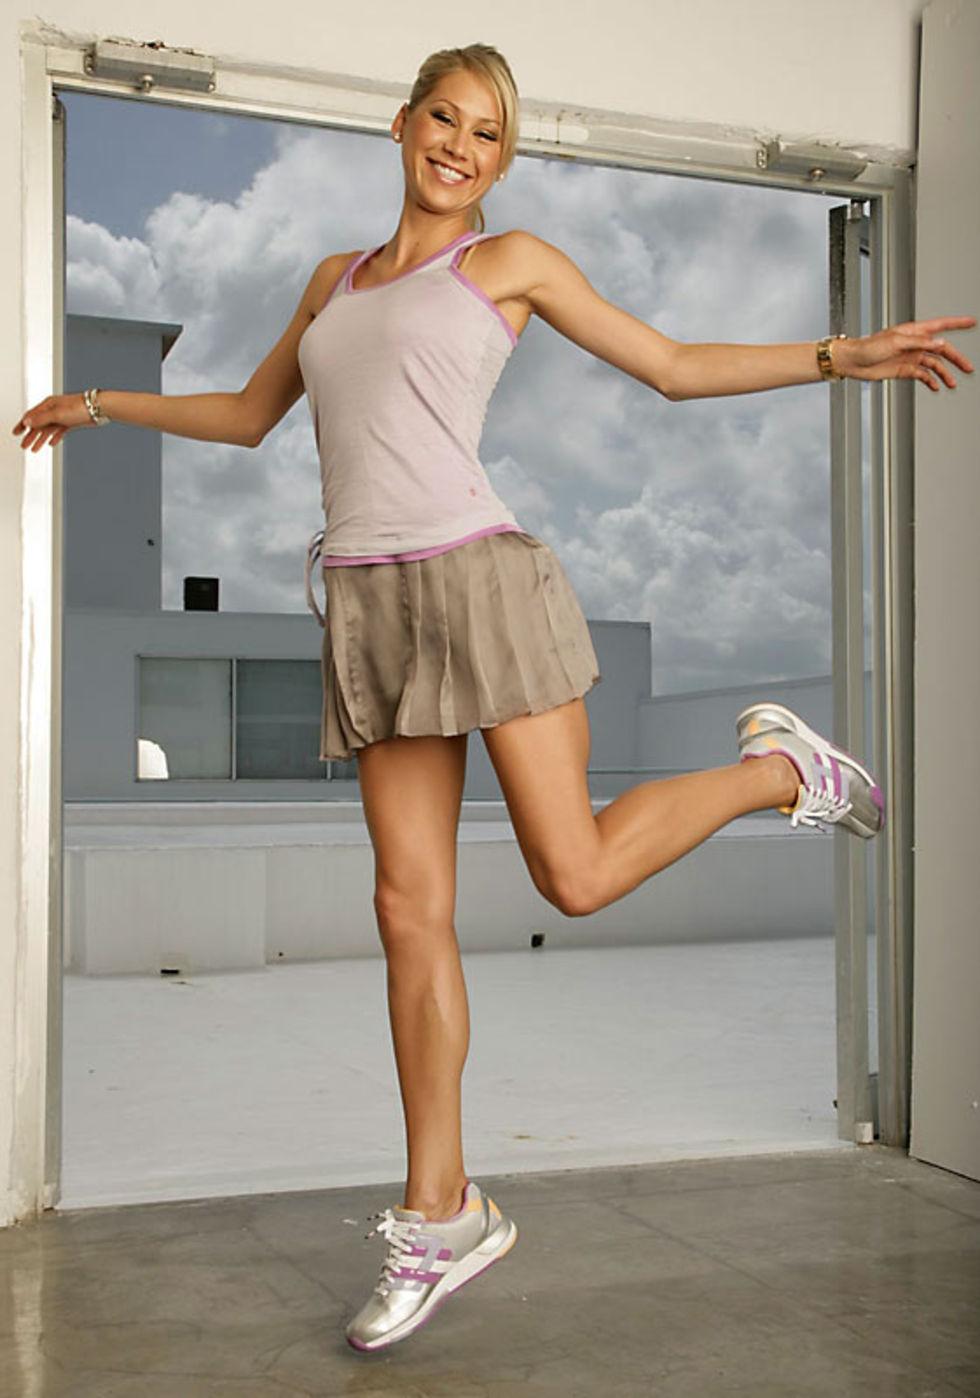 anna-kournikova-sports-illustrated-2008-photoshoot-mq-01